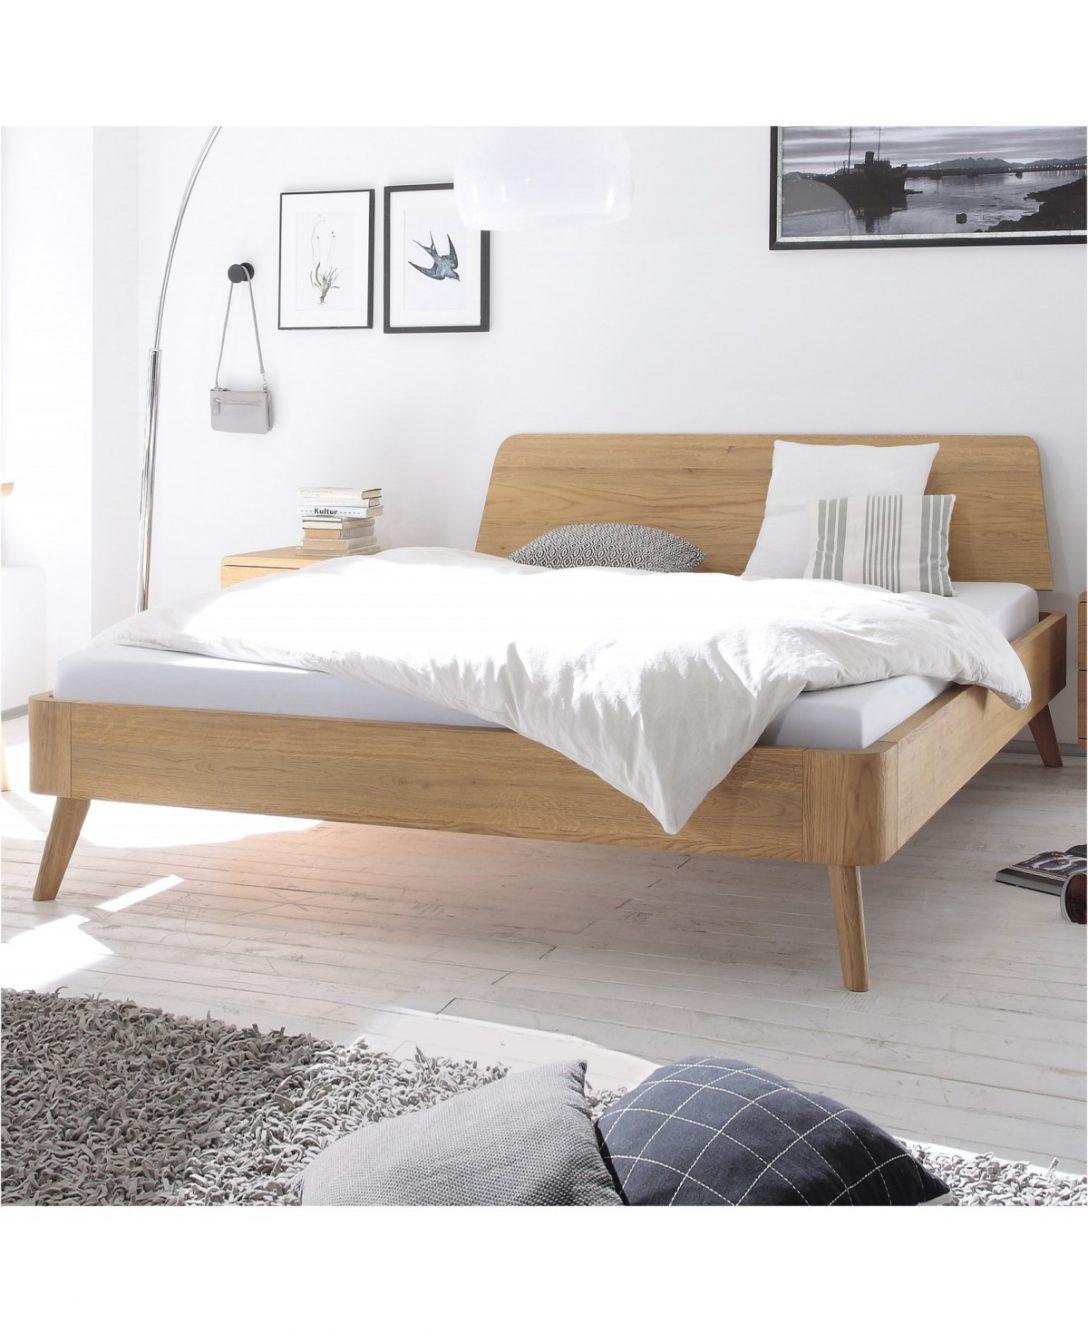 Large Size of Hasena Oak Bianco Eiche Bett Masito 25 Kopfteil Edda 140x200 Betten 90x200 Meise Billige Mit Aufbewahrung 200x220 Für übergewichtige Regal Kleidung Bett Kopfteile Für Betten